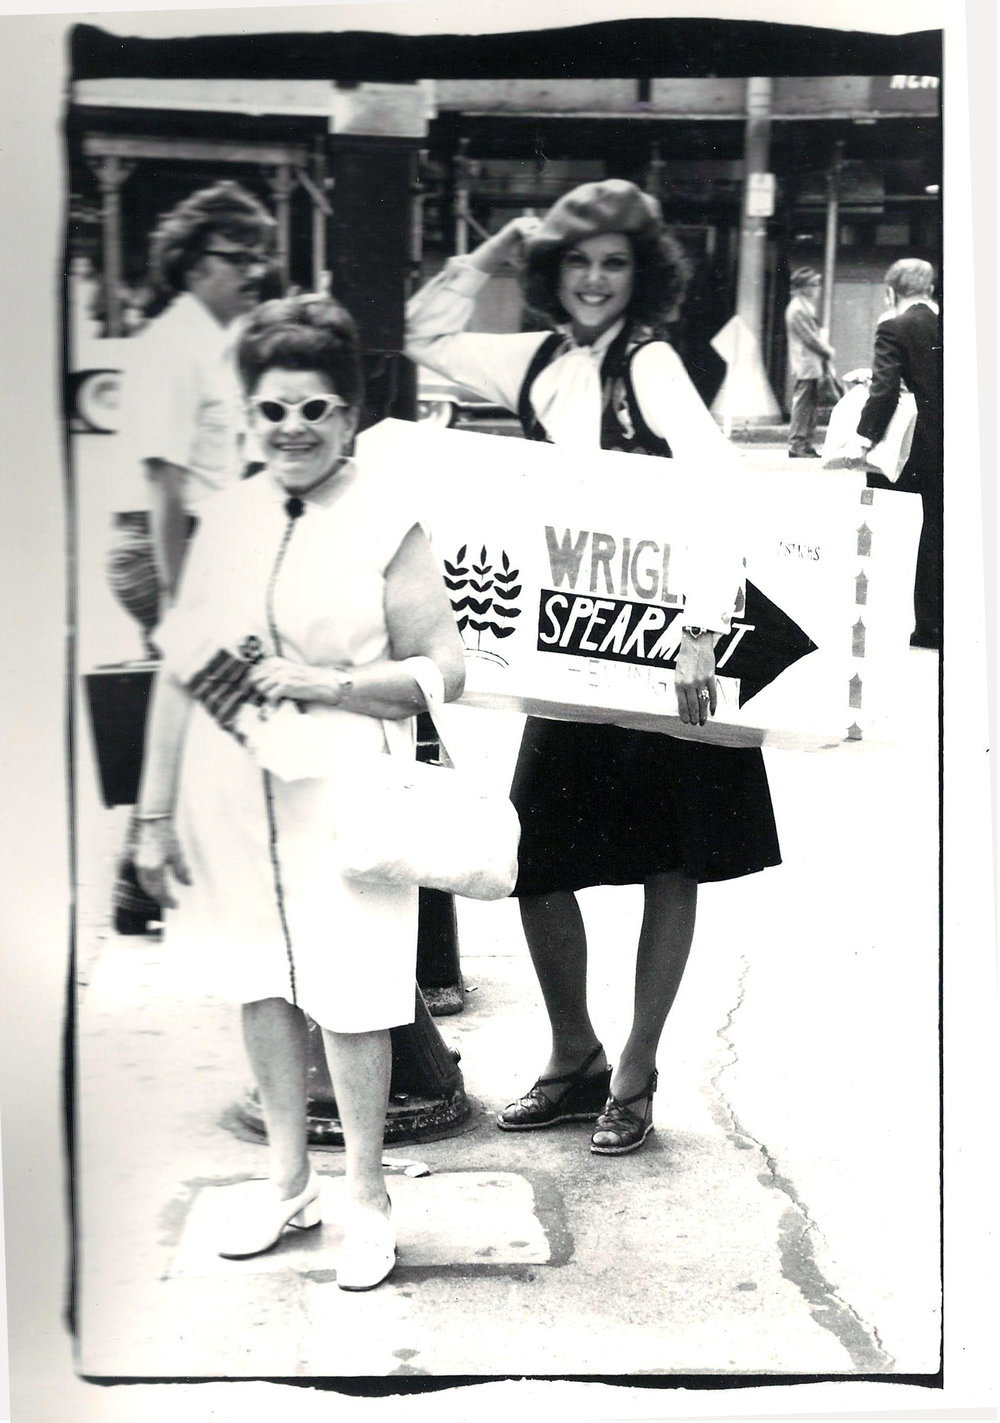 Wrigley campaign